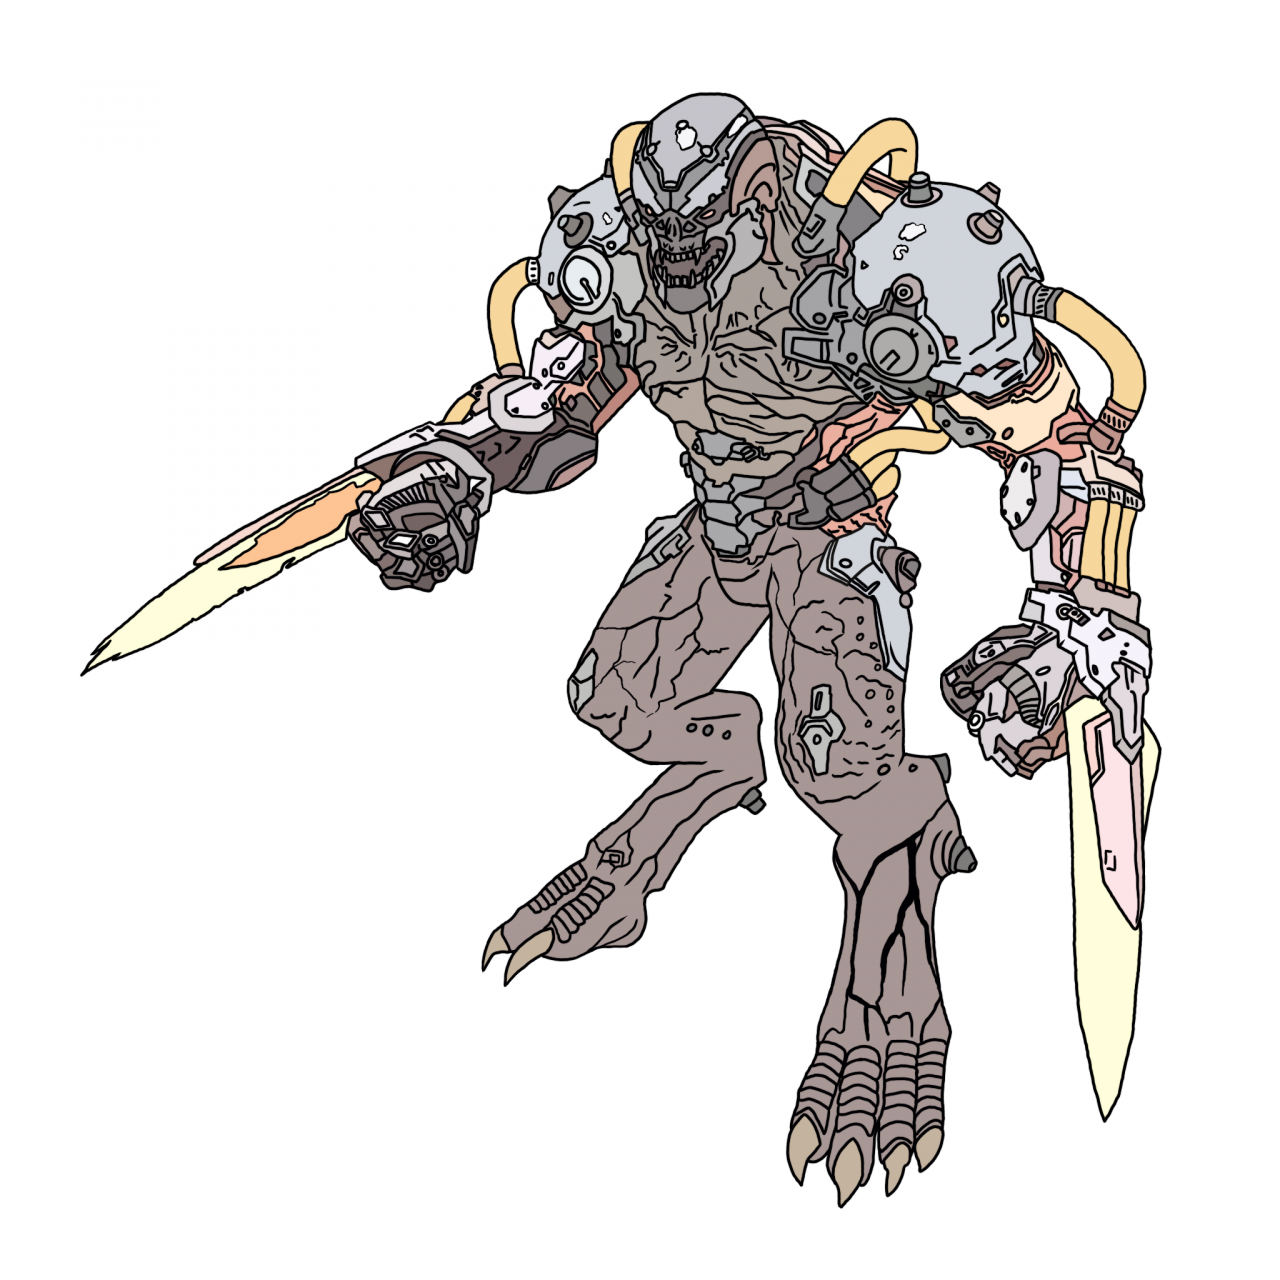 OG_SLOTH_420 insta Dread Knight